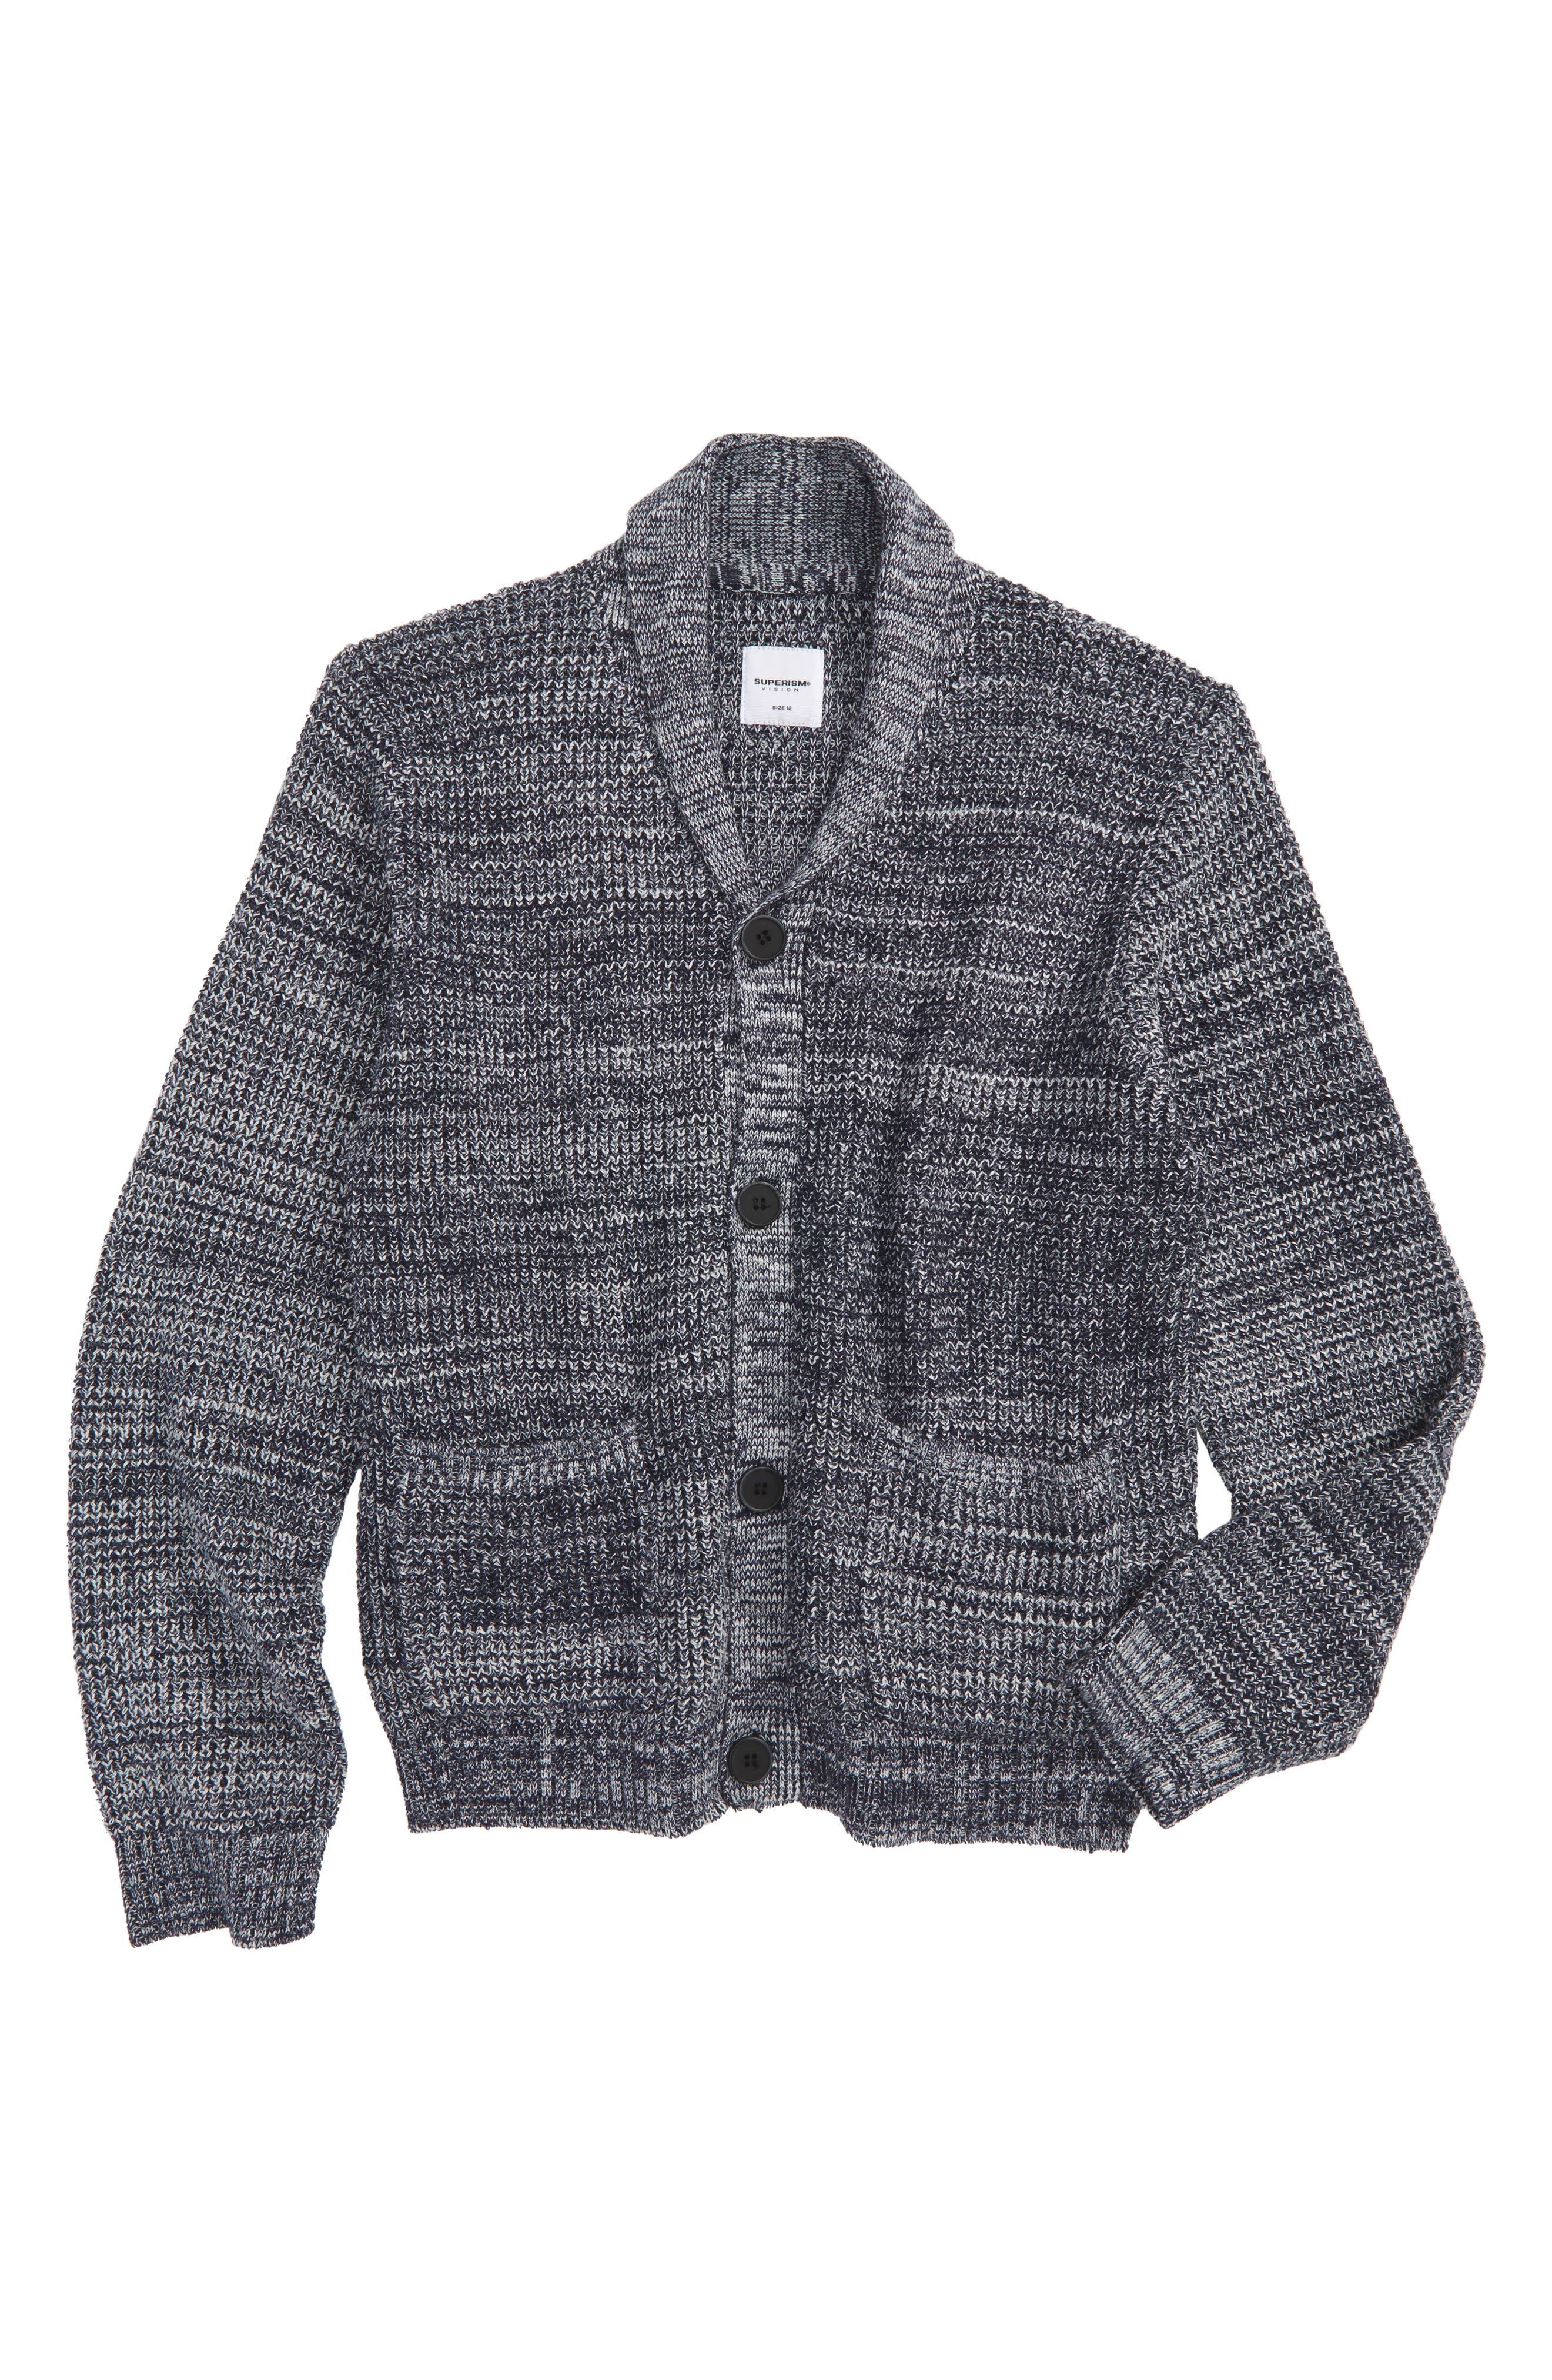 Cruz Cardigan Sweater,                         Main,                         color, Navy